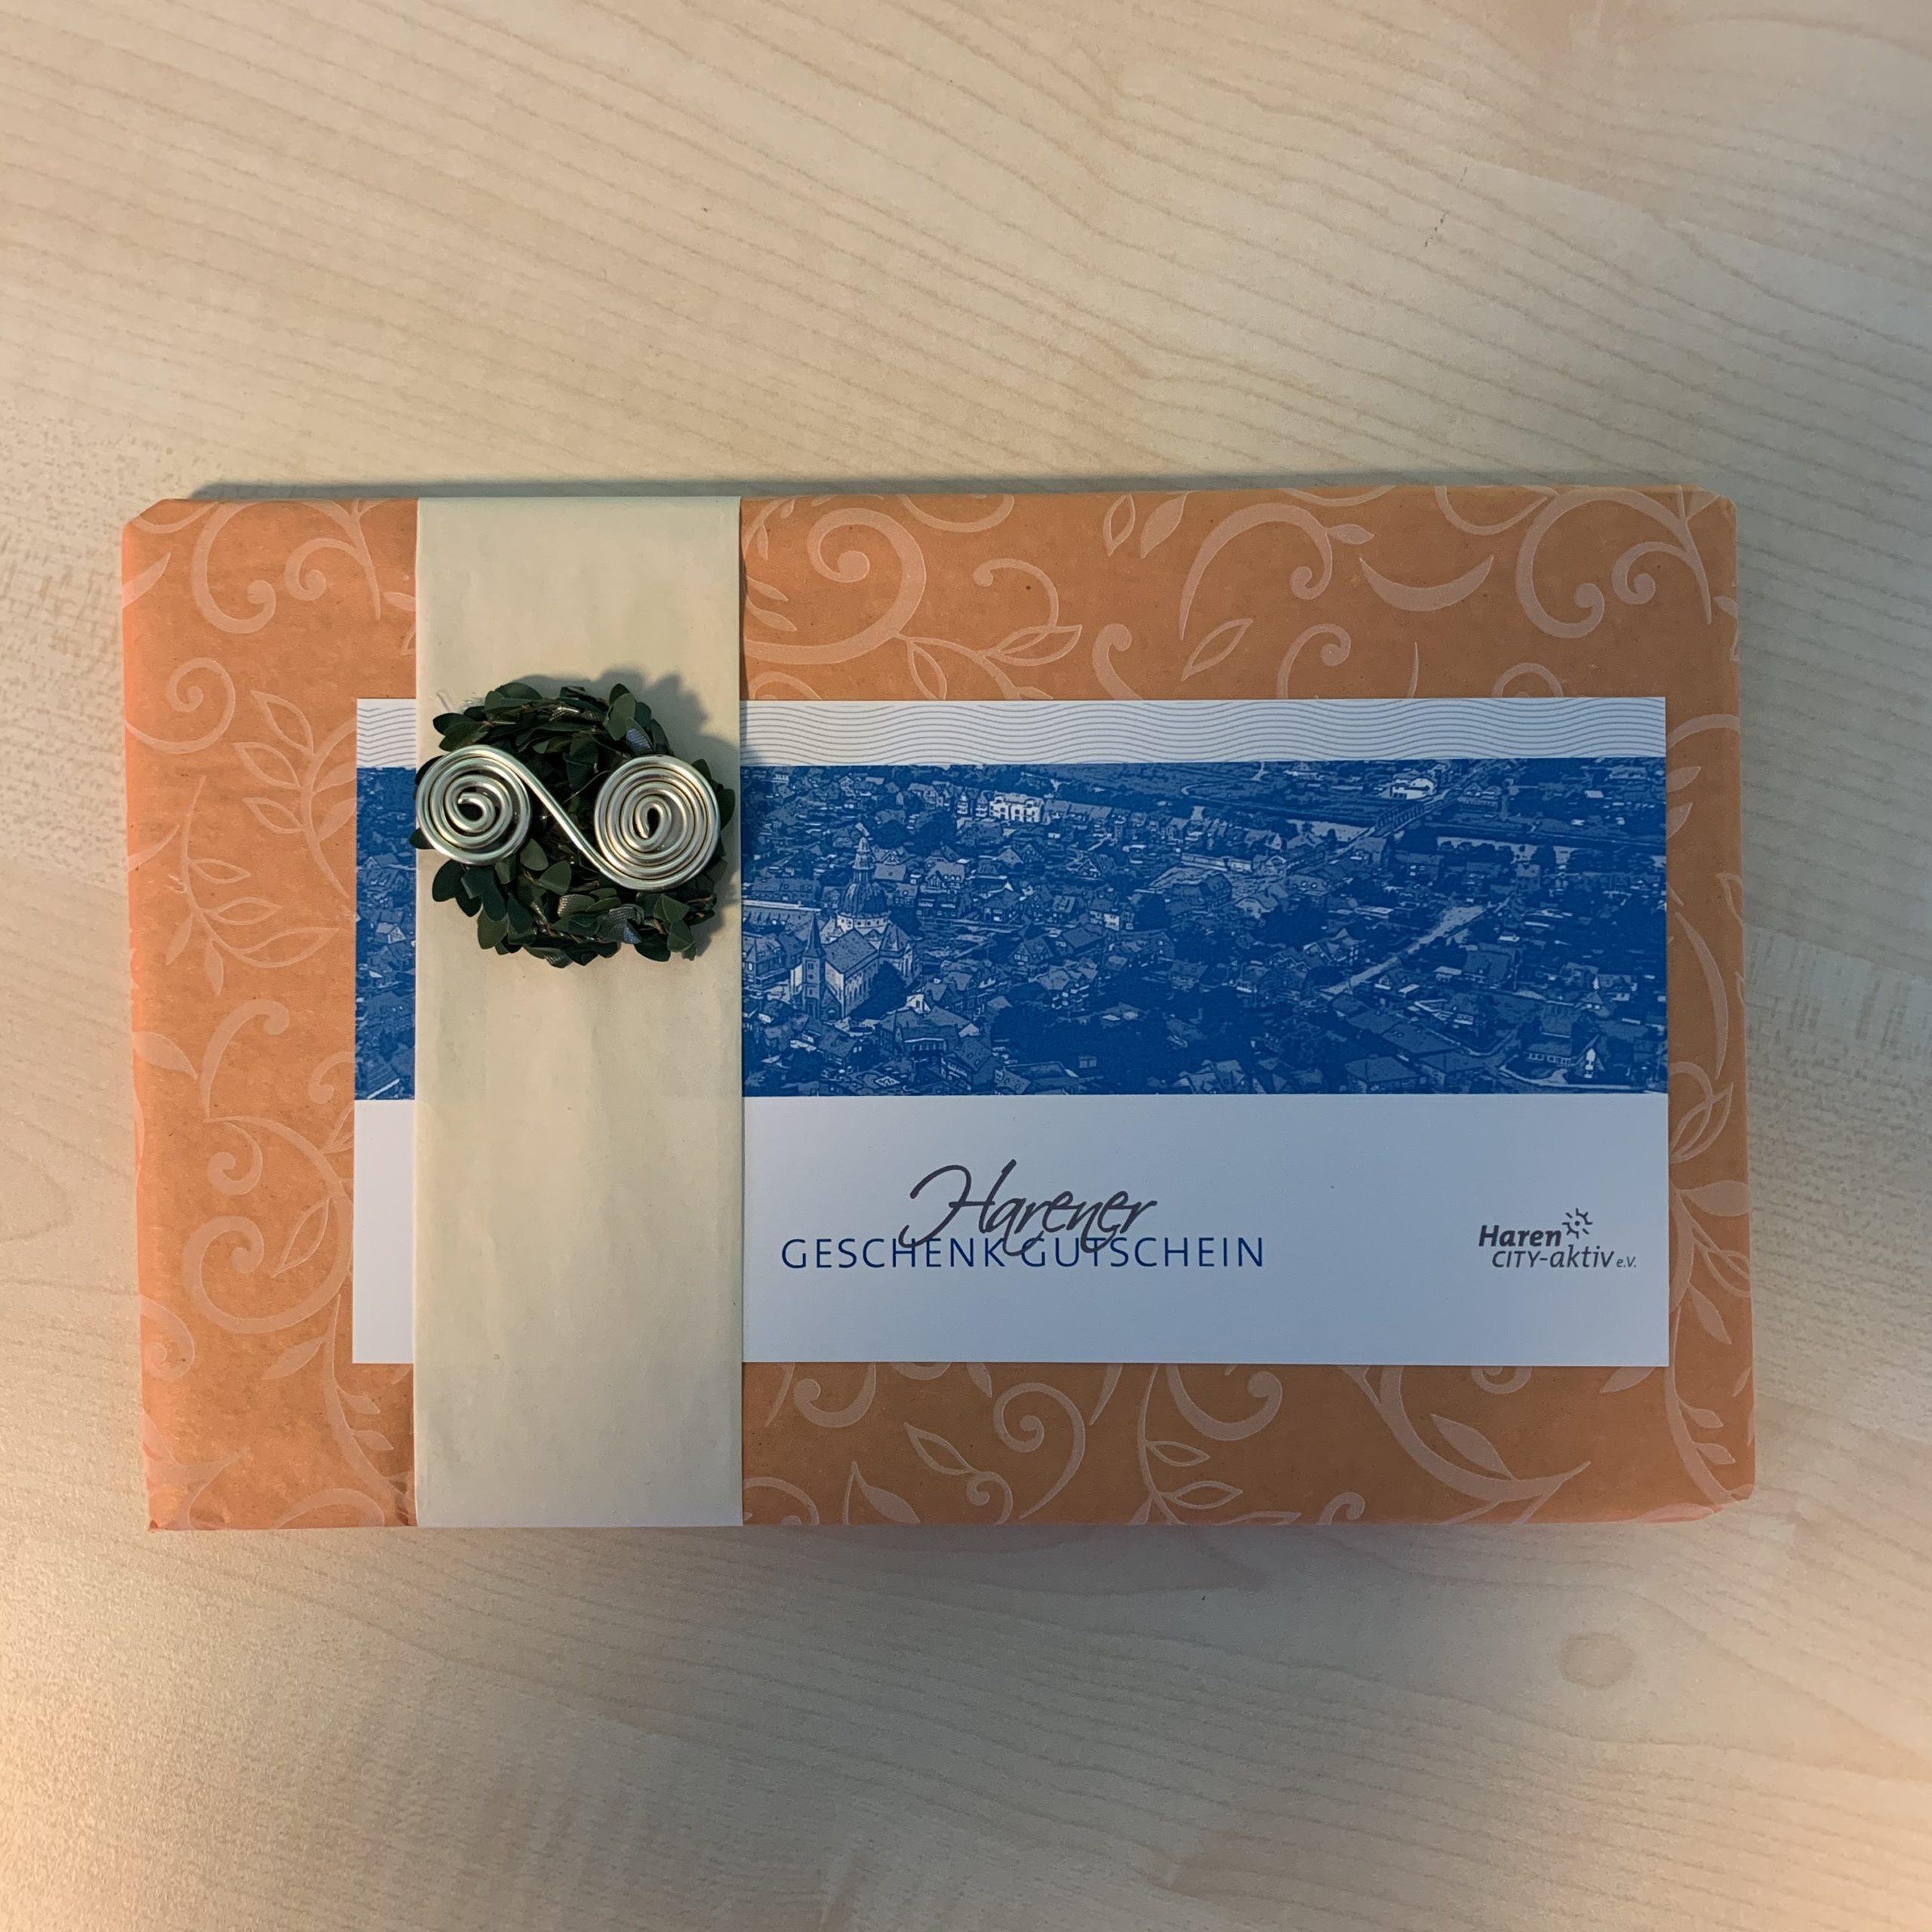 Geschenkverpackung für ein Flachgeschenk (karte, Gutschein, etc.)